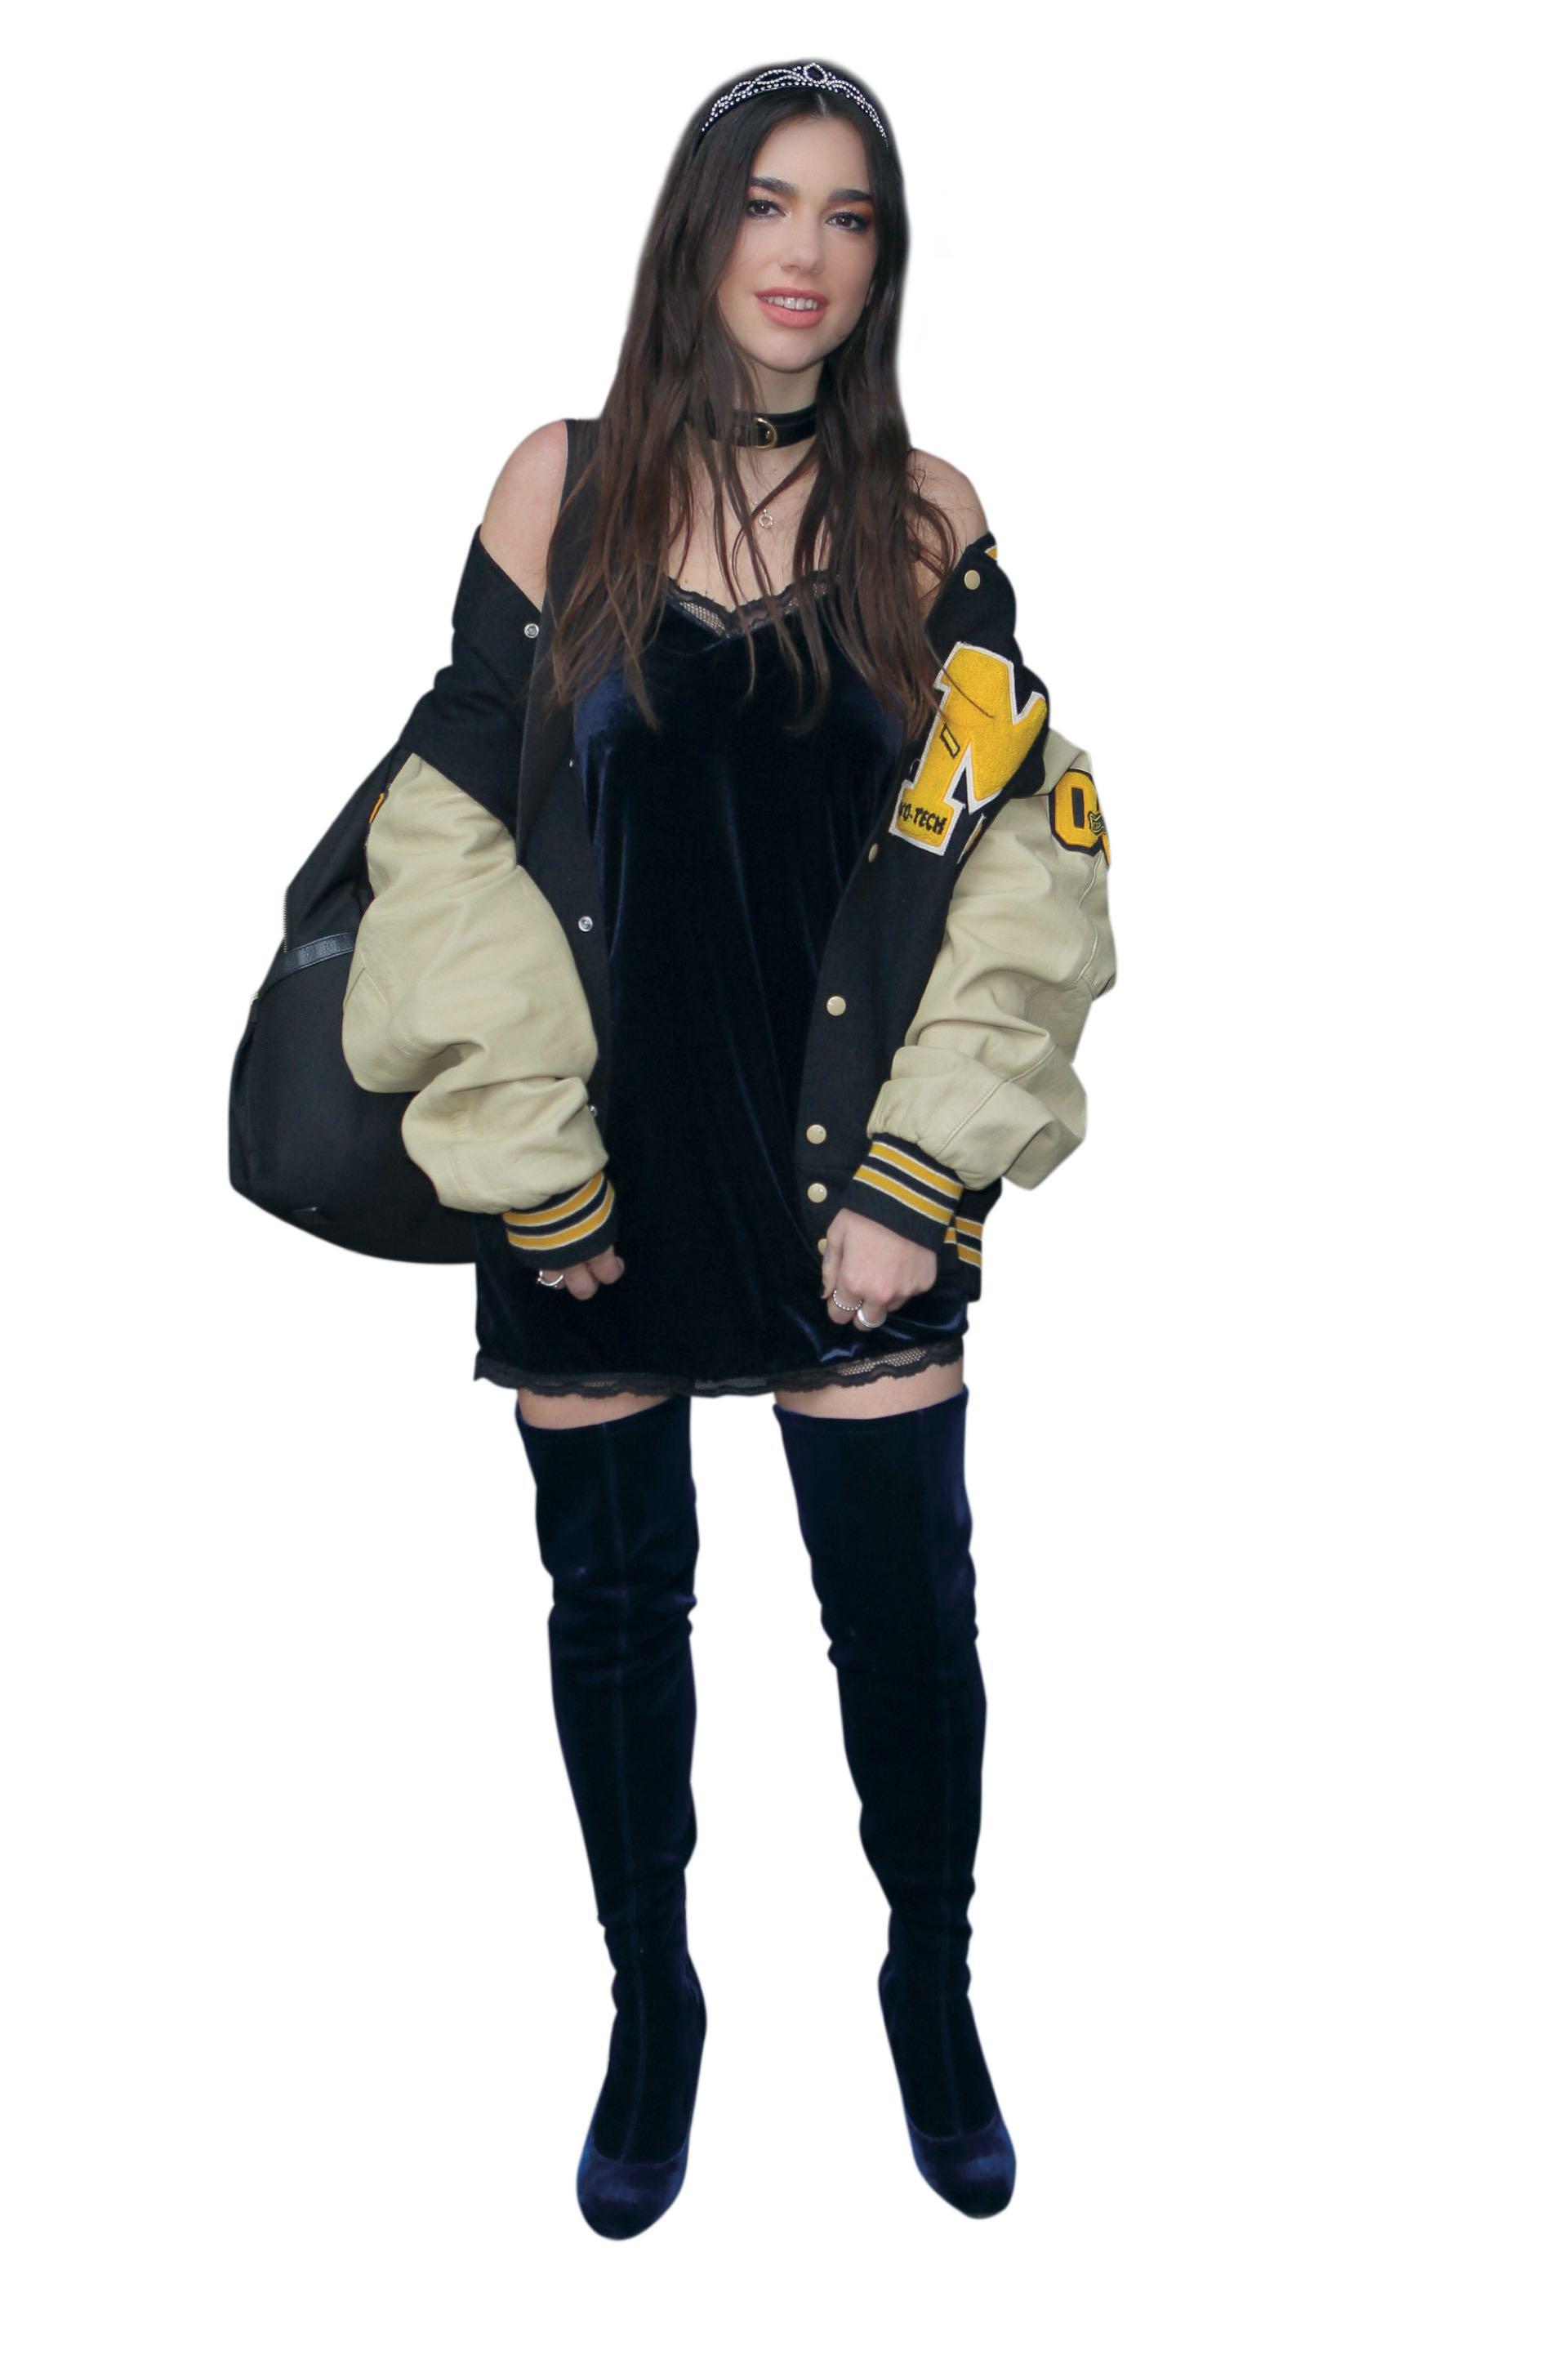 Dua Lipa llama la atención por su look: slipdress, mochila, choker, bomber y tocado.